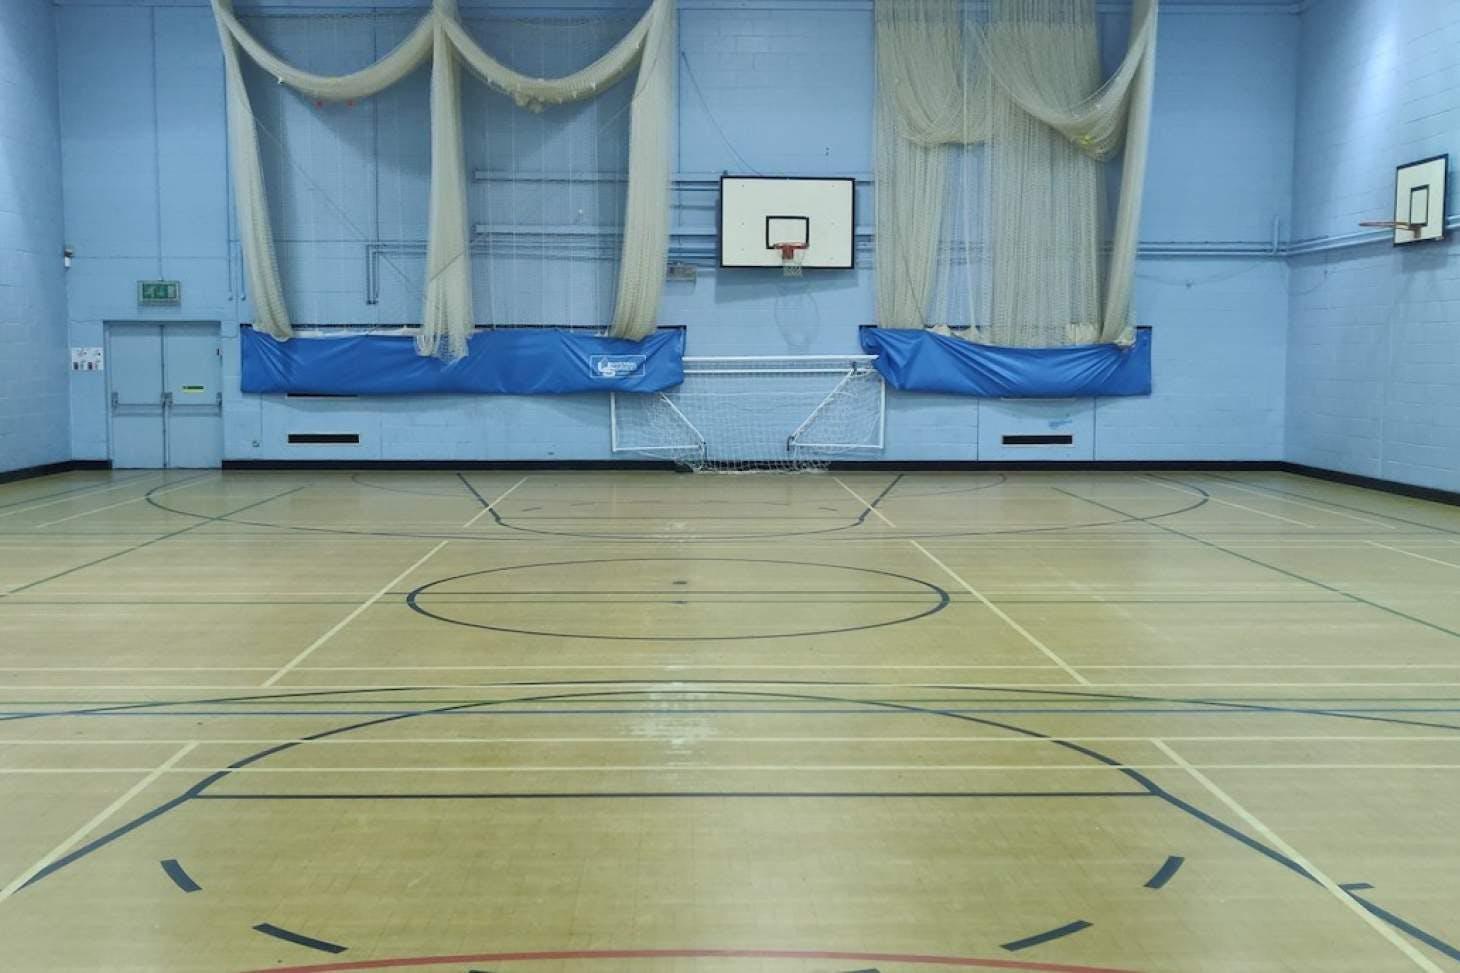 Darrick Wood School Indoor | Hard badminton court